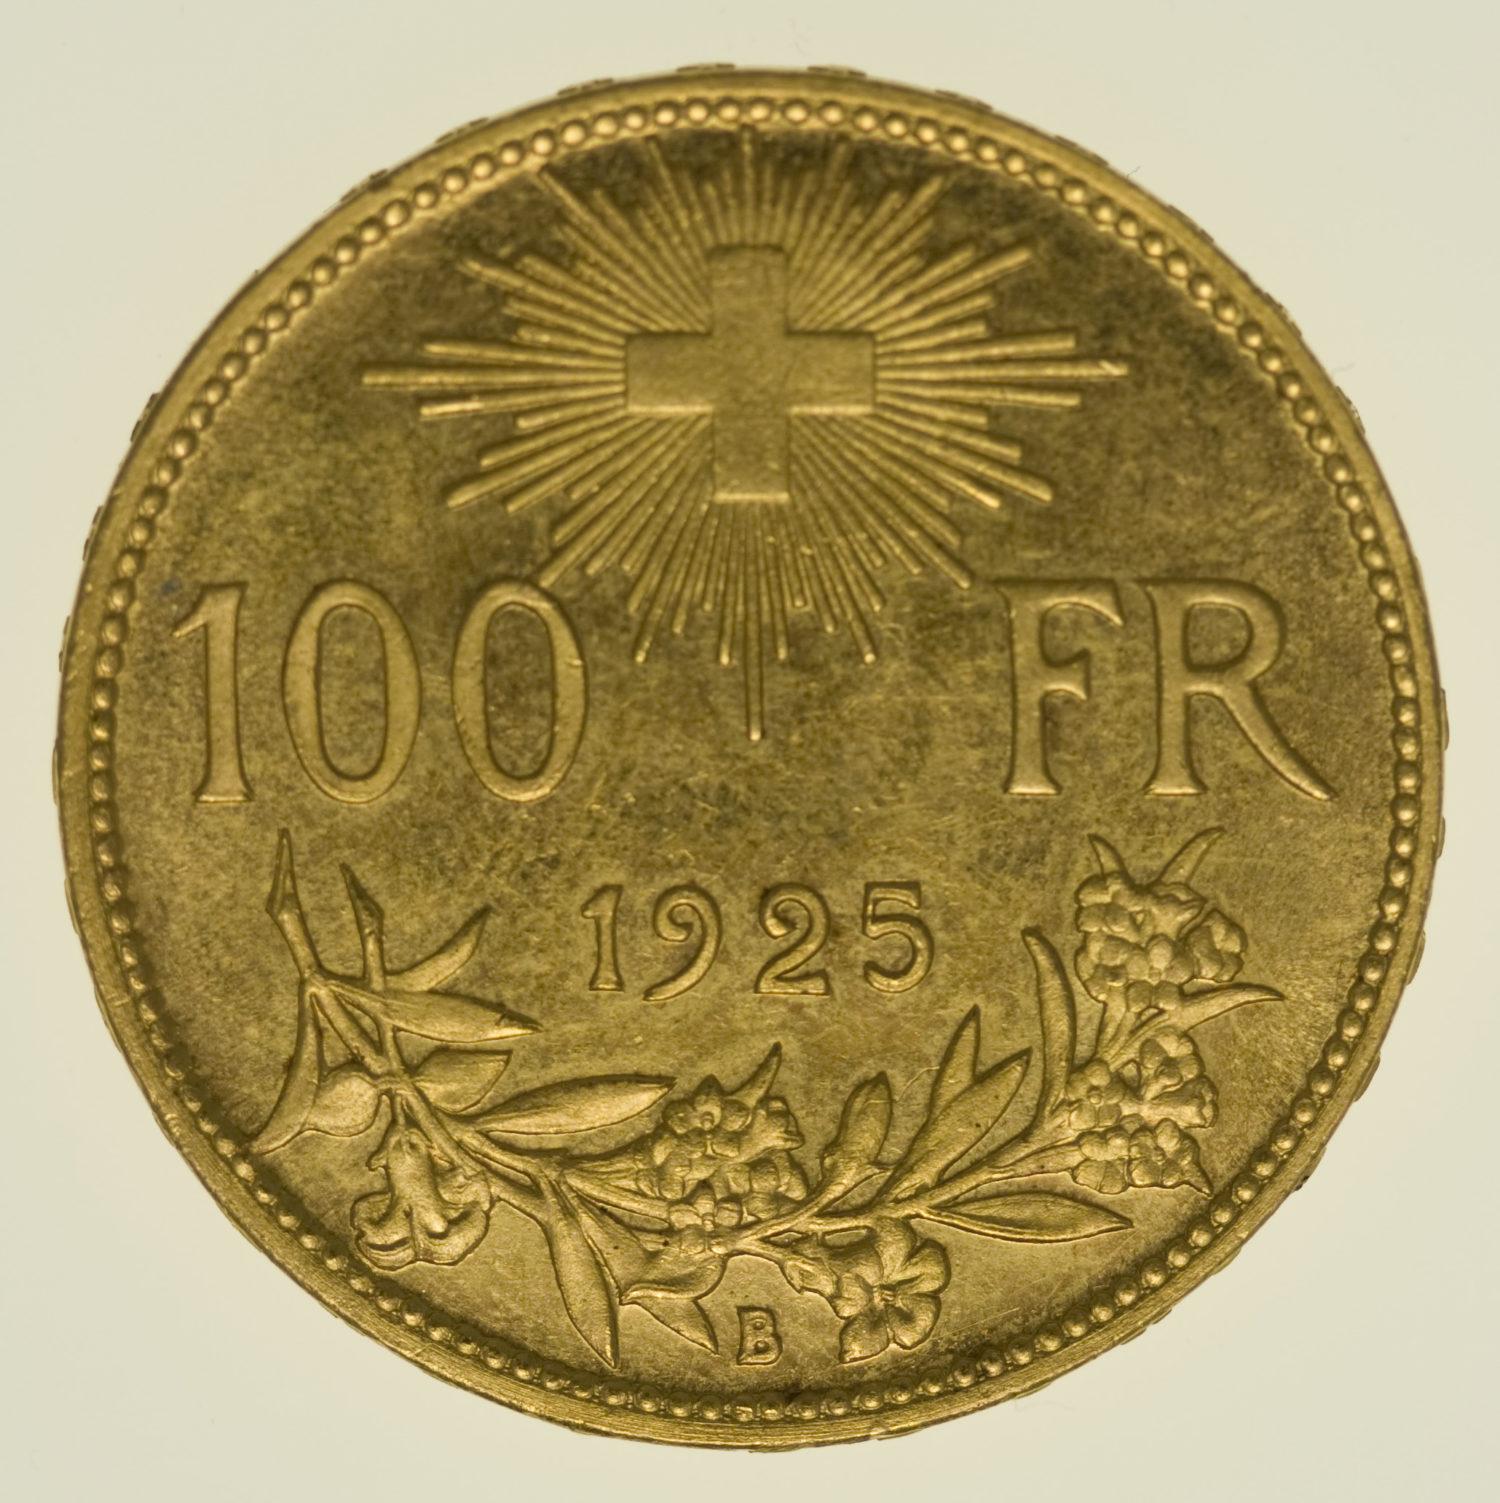 schweiz - Schweiz 100 Franken 1925 Vreneli